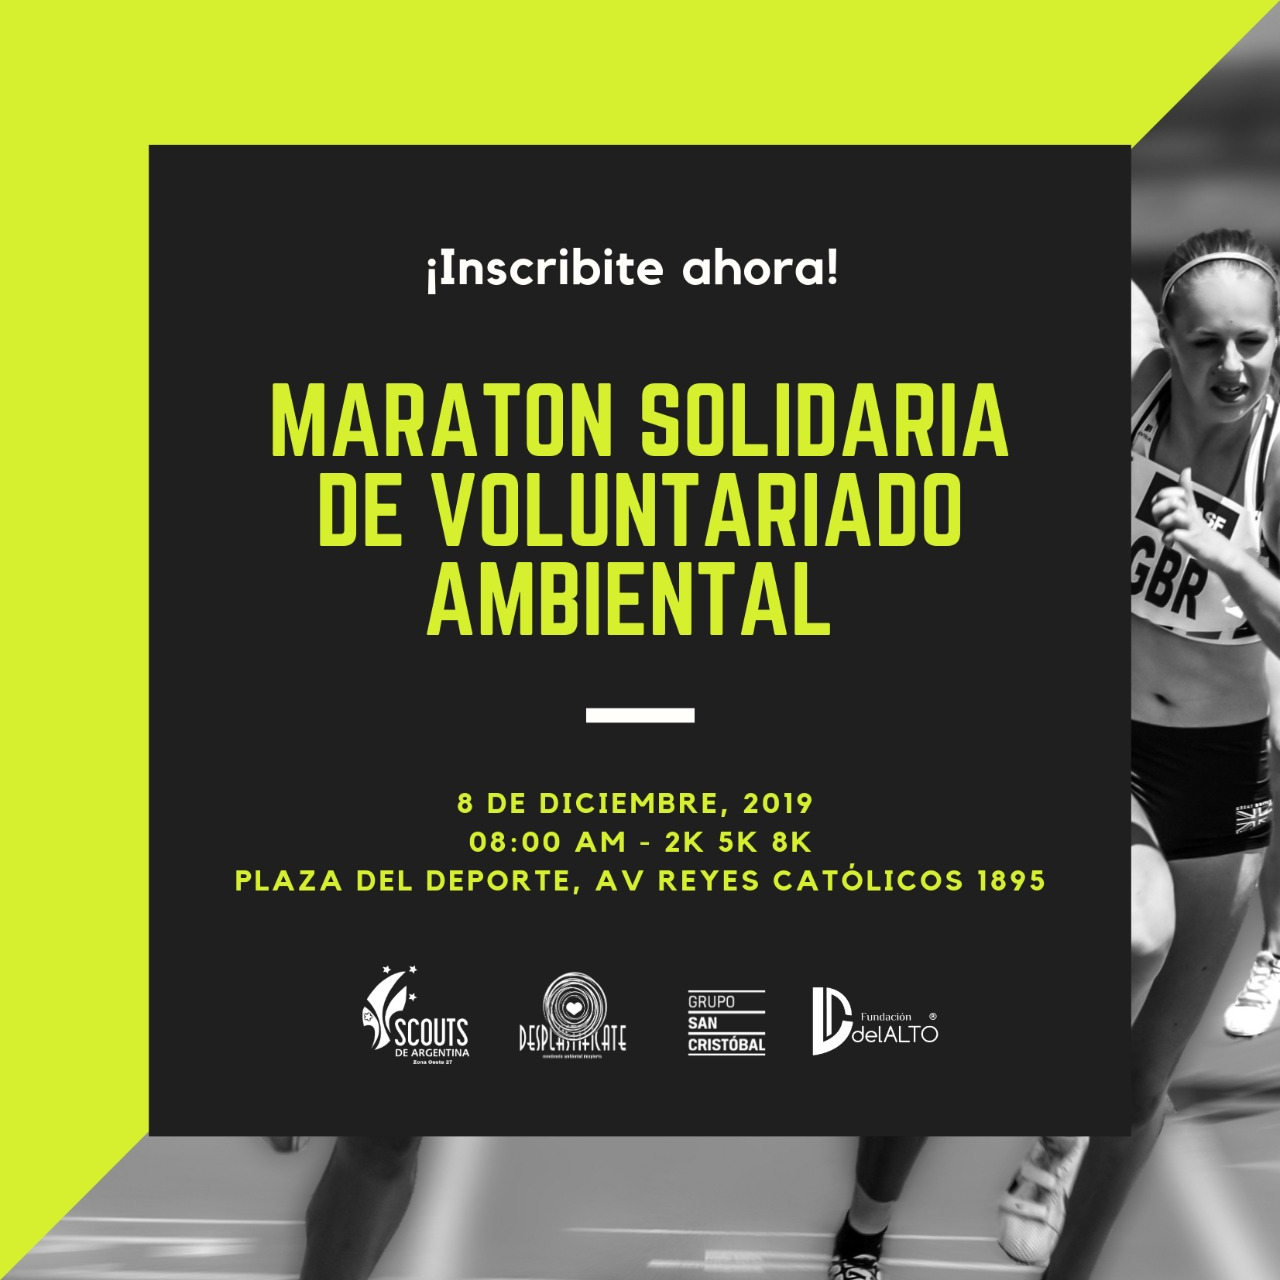 Se viene la 1° Maratón Solidaria del Voluntariado Ambiental